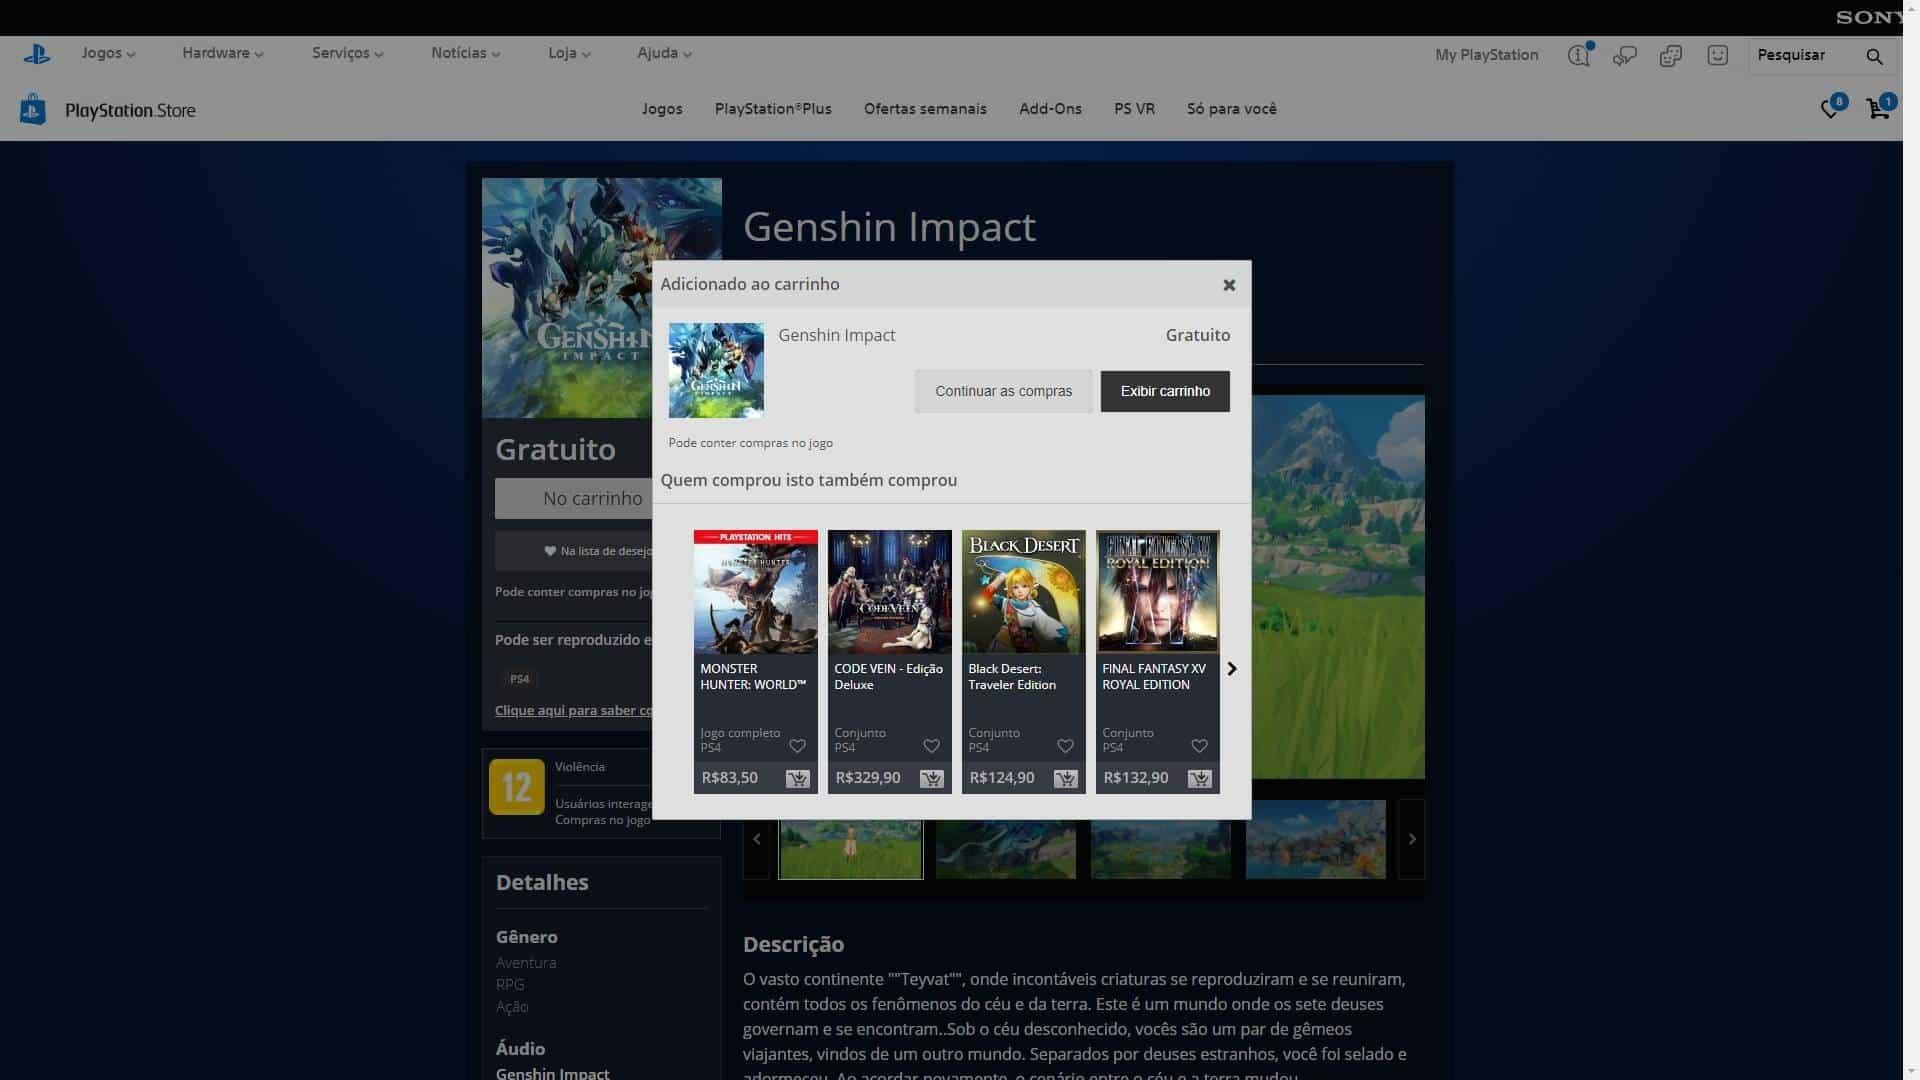 Instalação do jogo Genshin Impact para PS4. Crédito: Sony/Reprodução